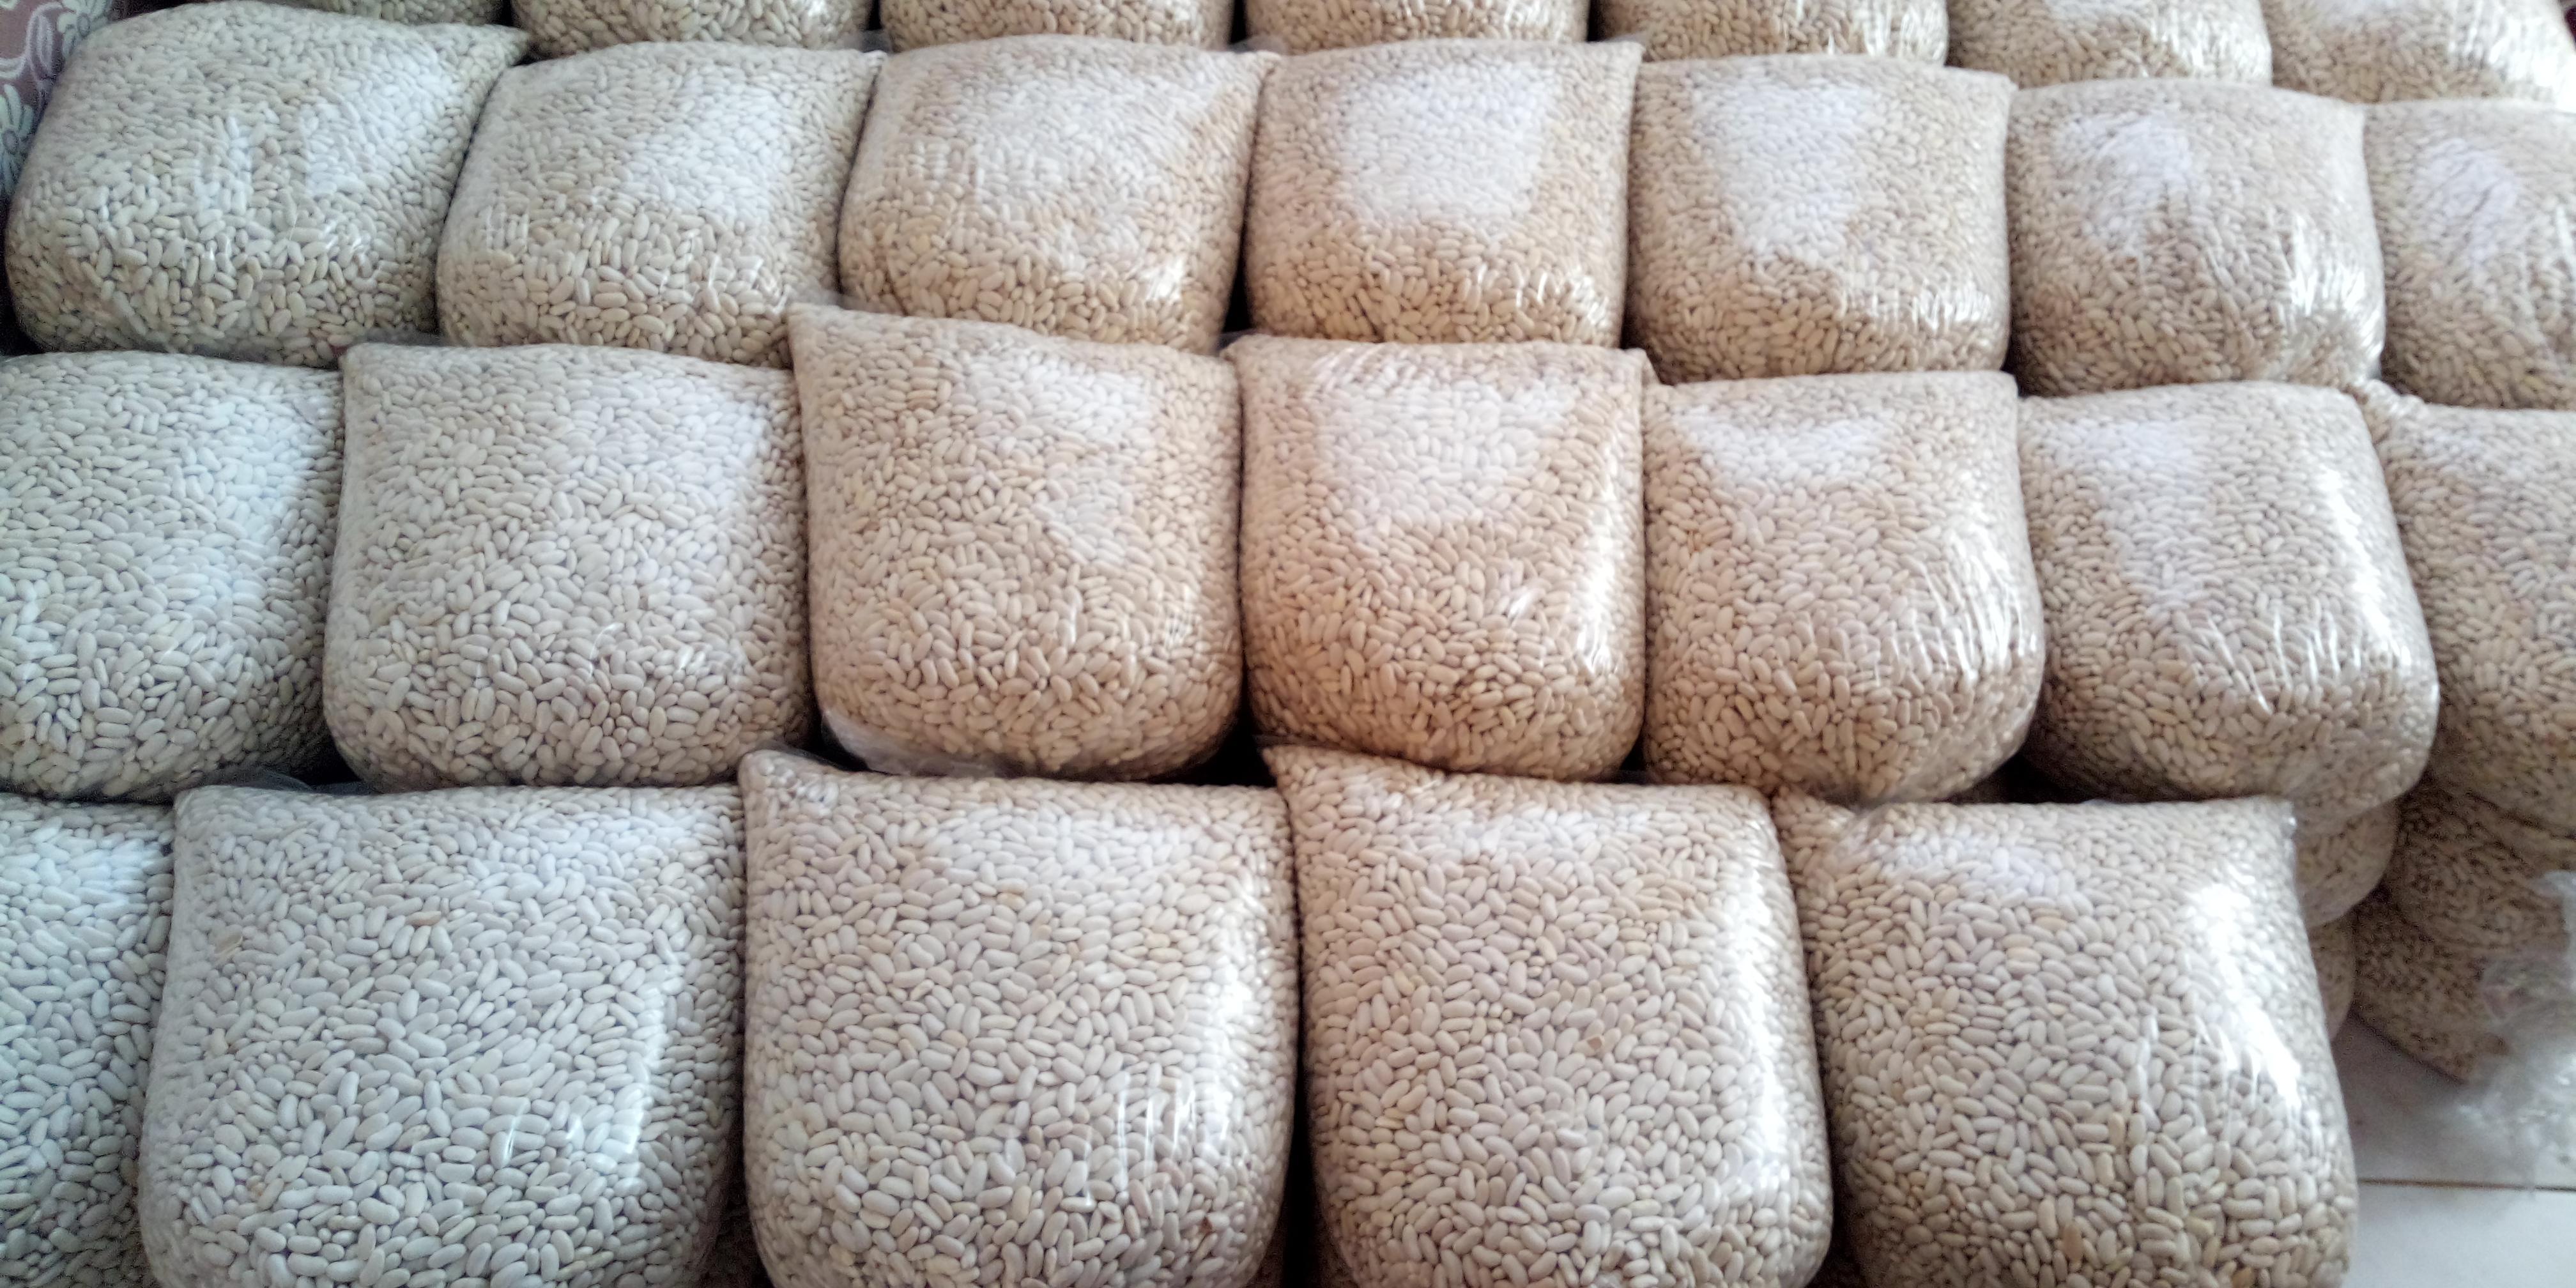 Fasulye (Taze ) - Üretici Aytekin Degirmenci 13 tl fiyat ile 950 kilogram fasulye (taze )  satmak istiyor